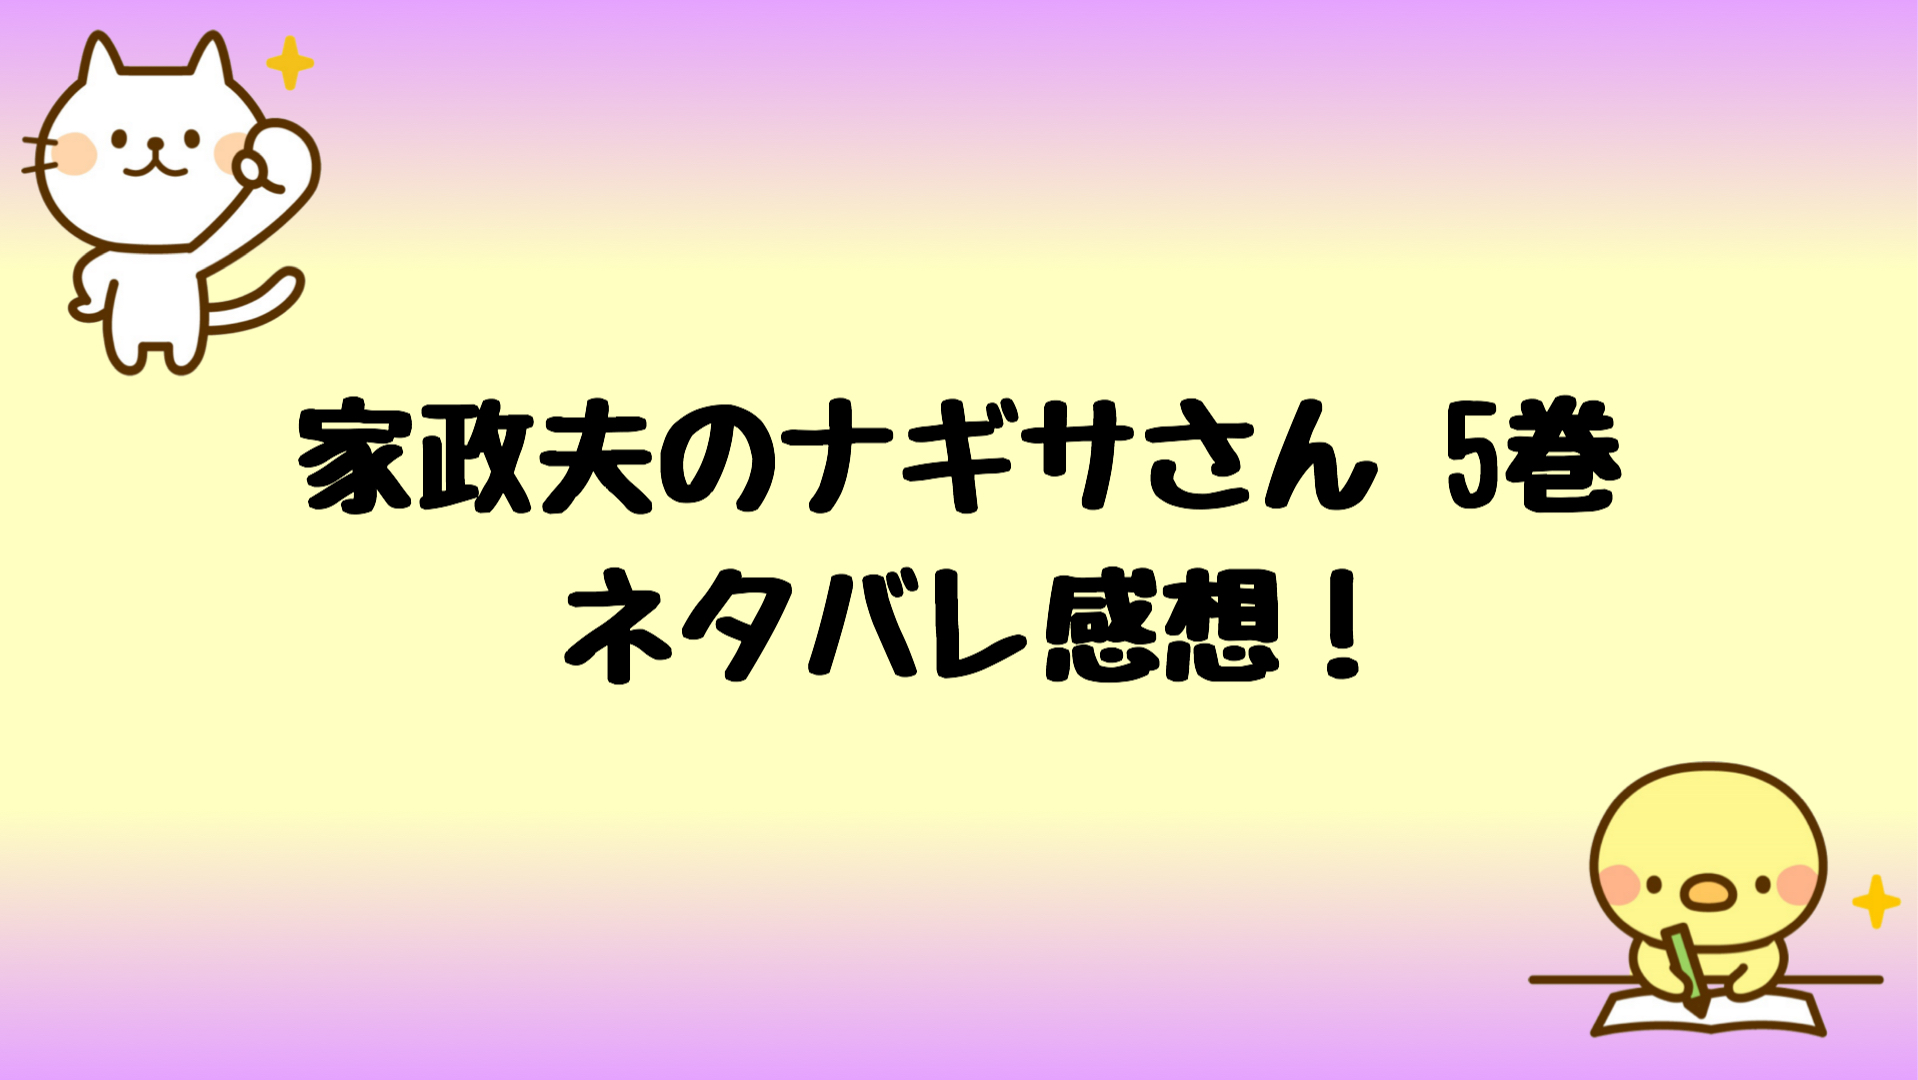 スプラウト 漫画 ネタバレ 5 巻